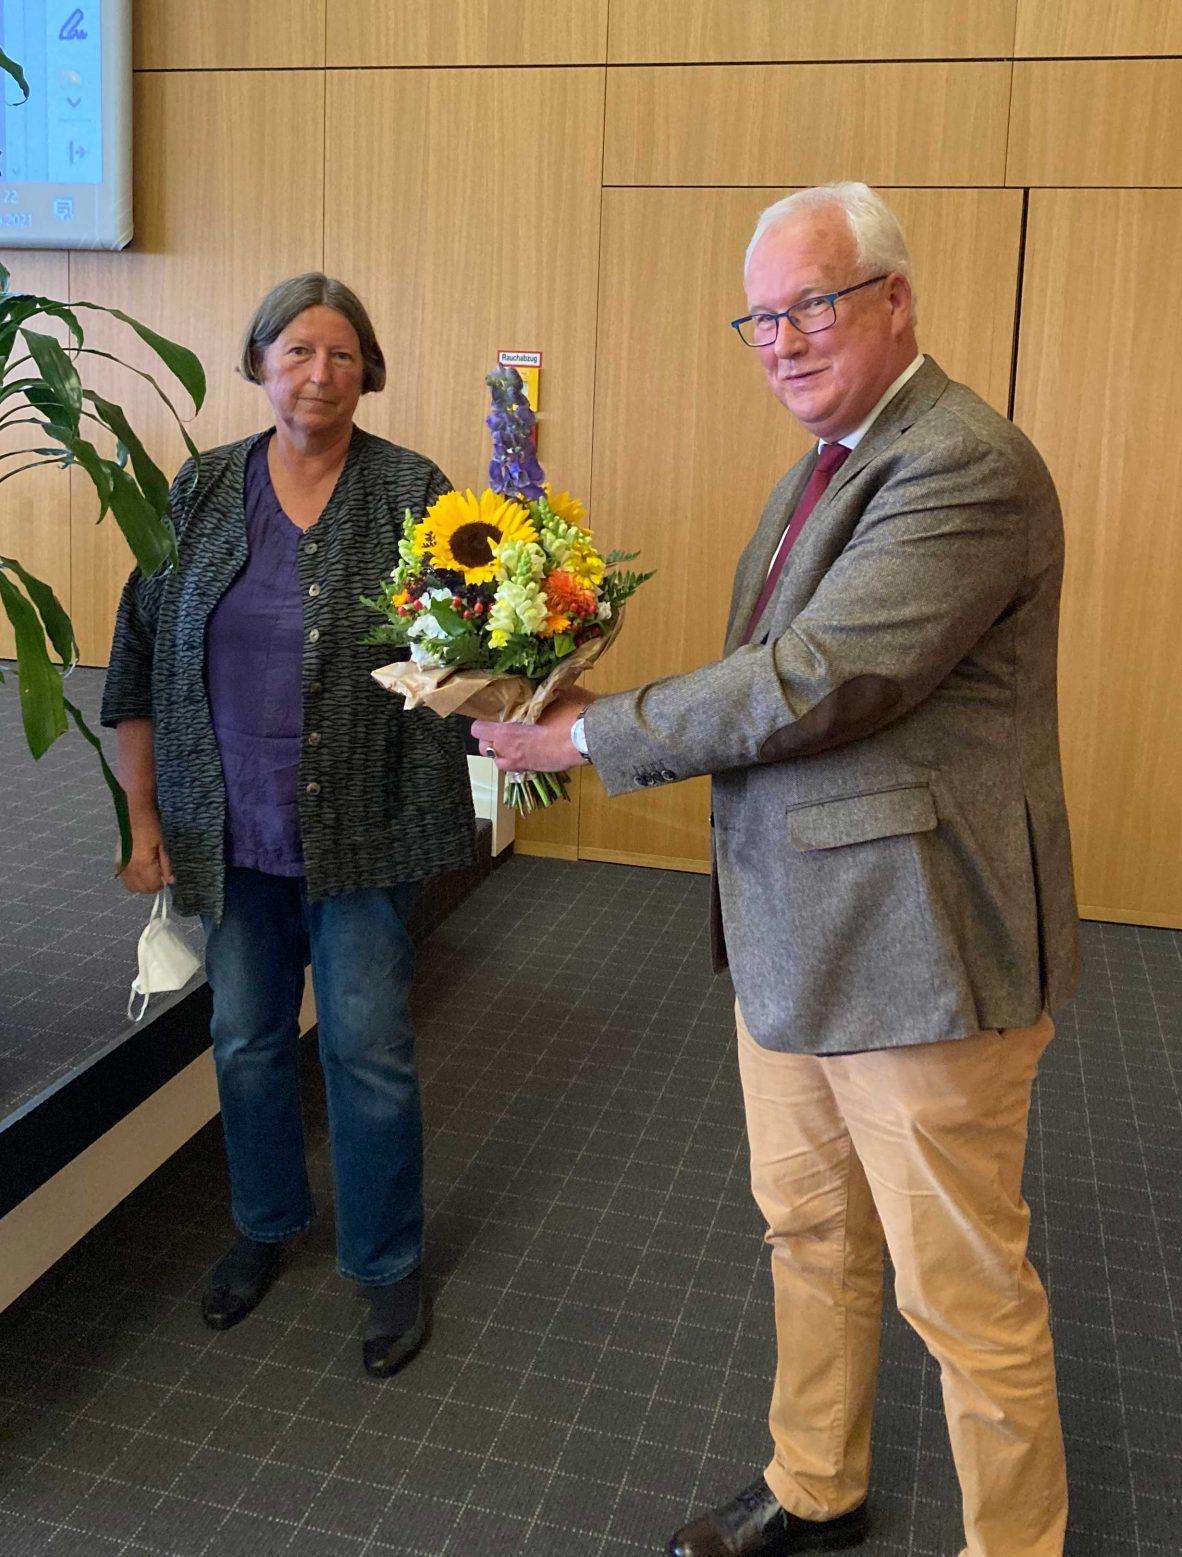 Rüdiger von Esebeck, Schriftführer des LGR, gratuliert der neuen LGR-Vorsitzenden Kathrin Sonnenholzner